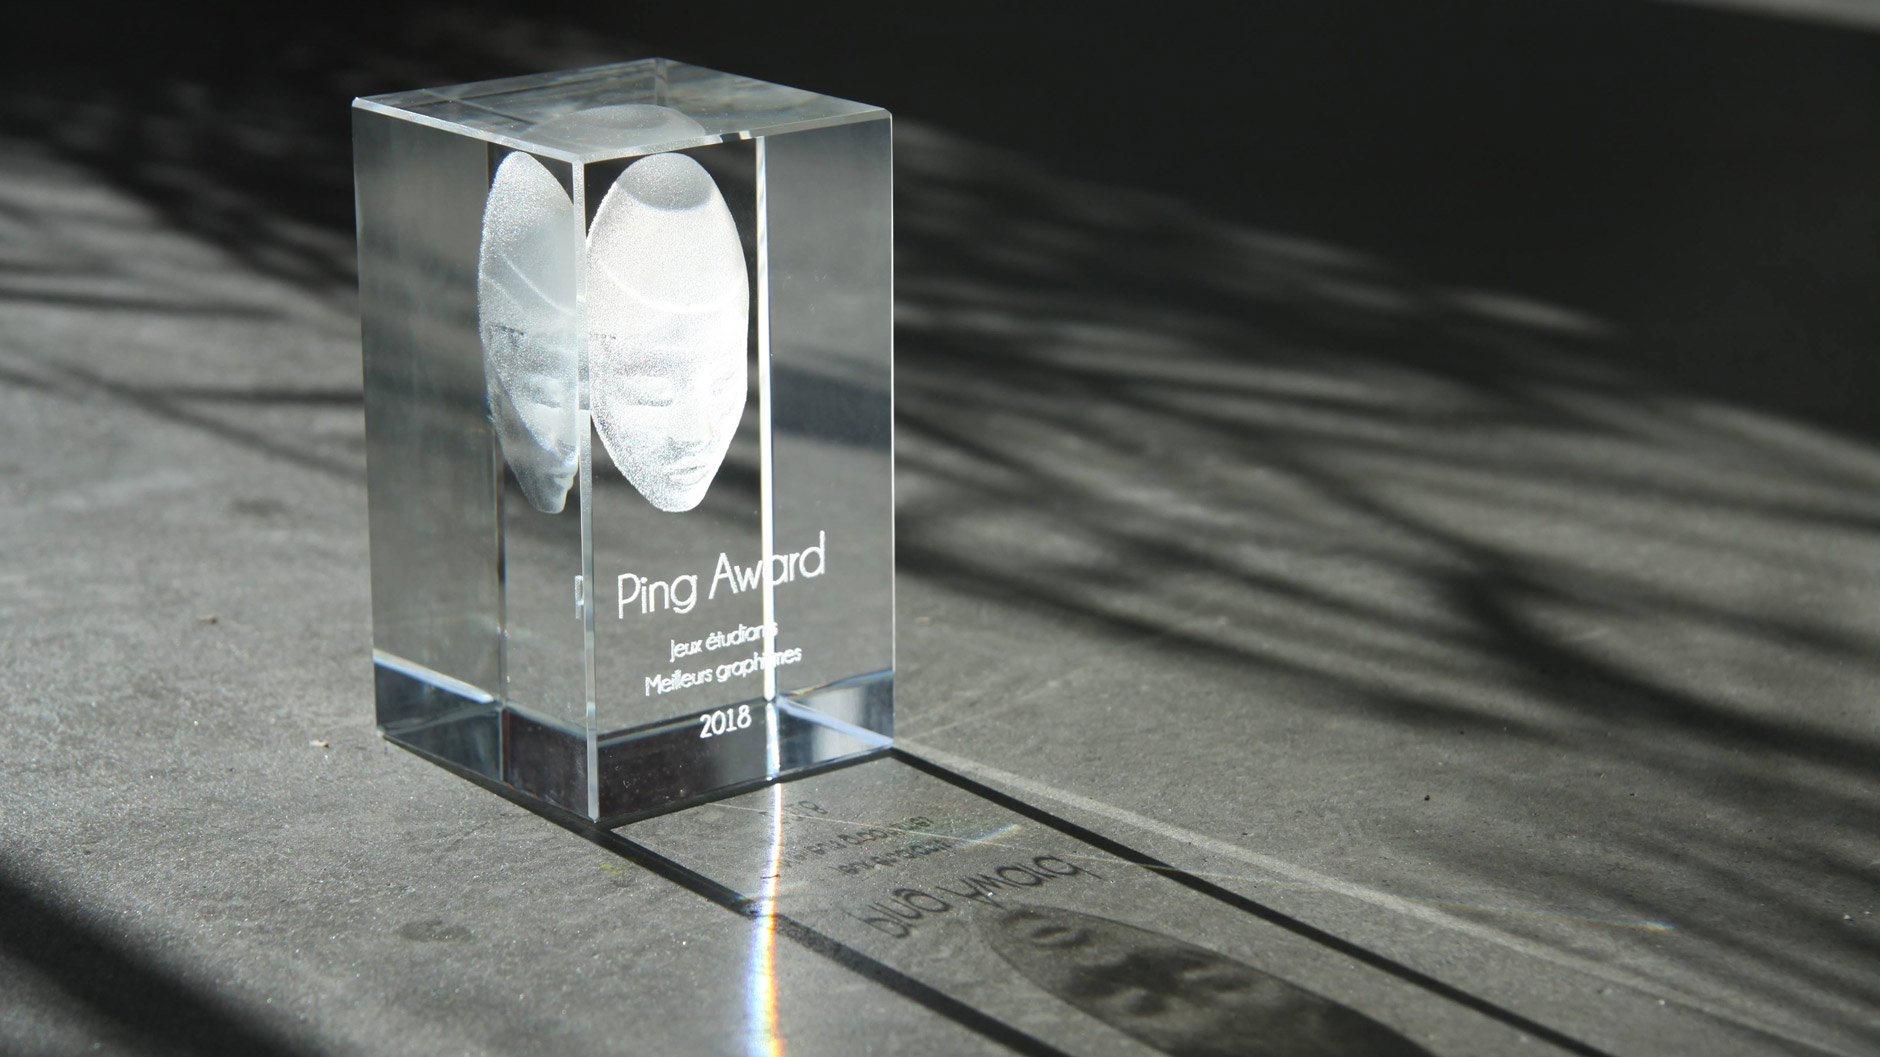 Jeu vidéo // Les Cohliens primés aux Ping Awards